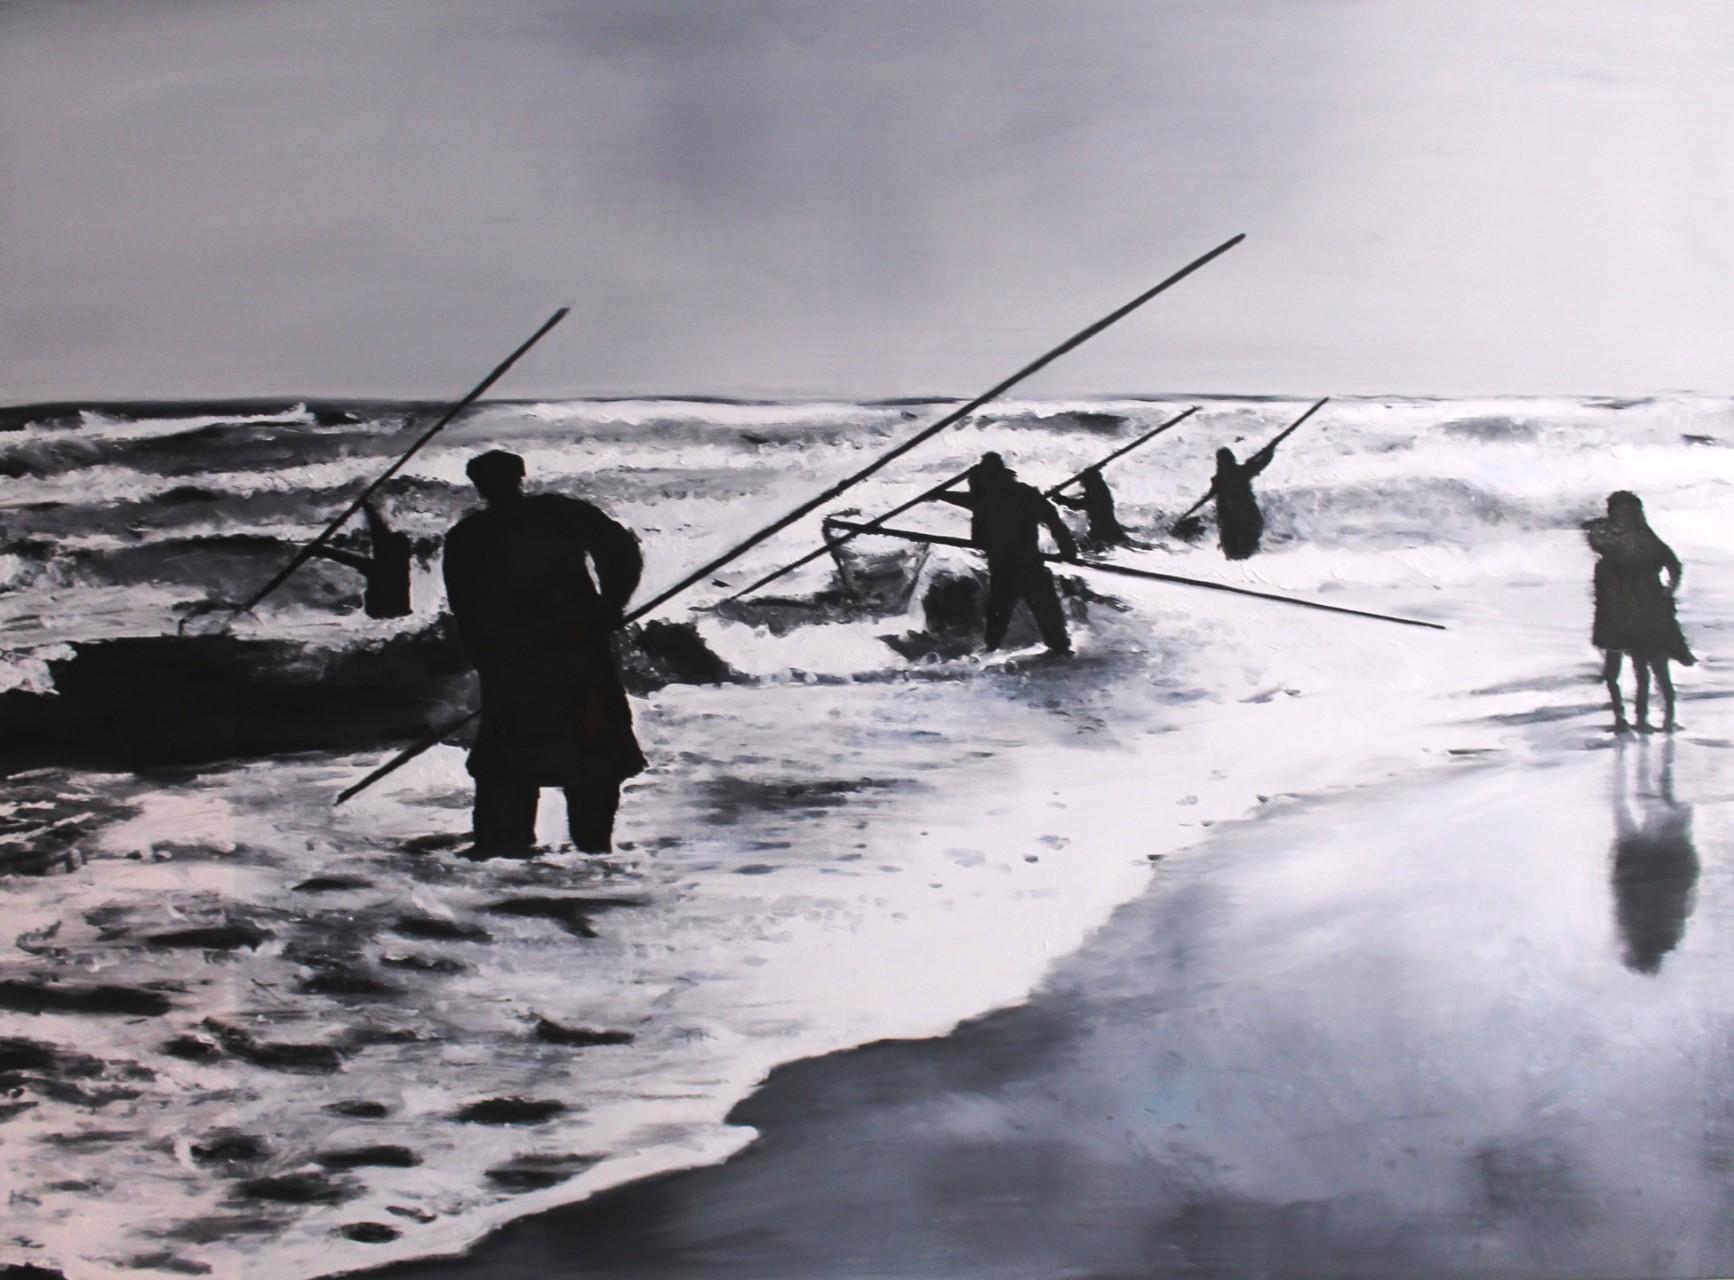 Bernsteinfischer, 2014, Öl auf Leinwand, 100 x 140 cm